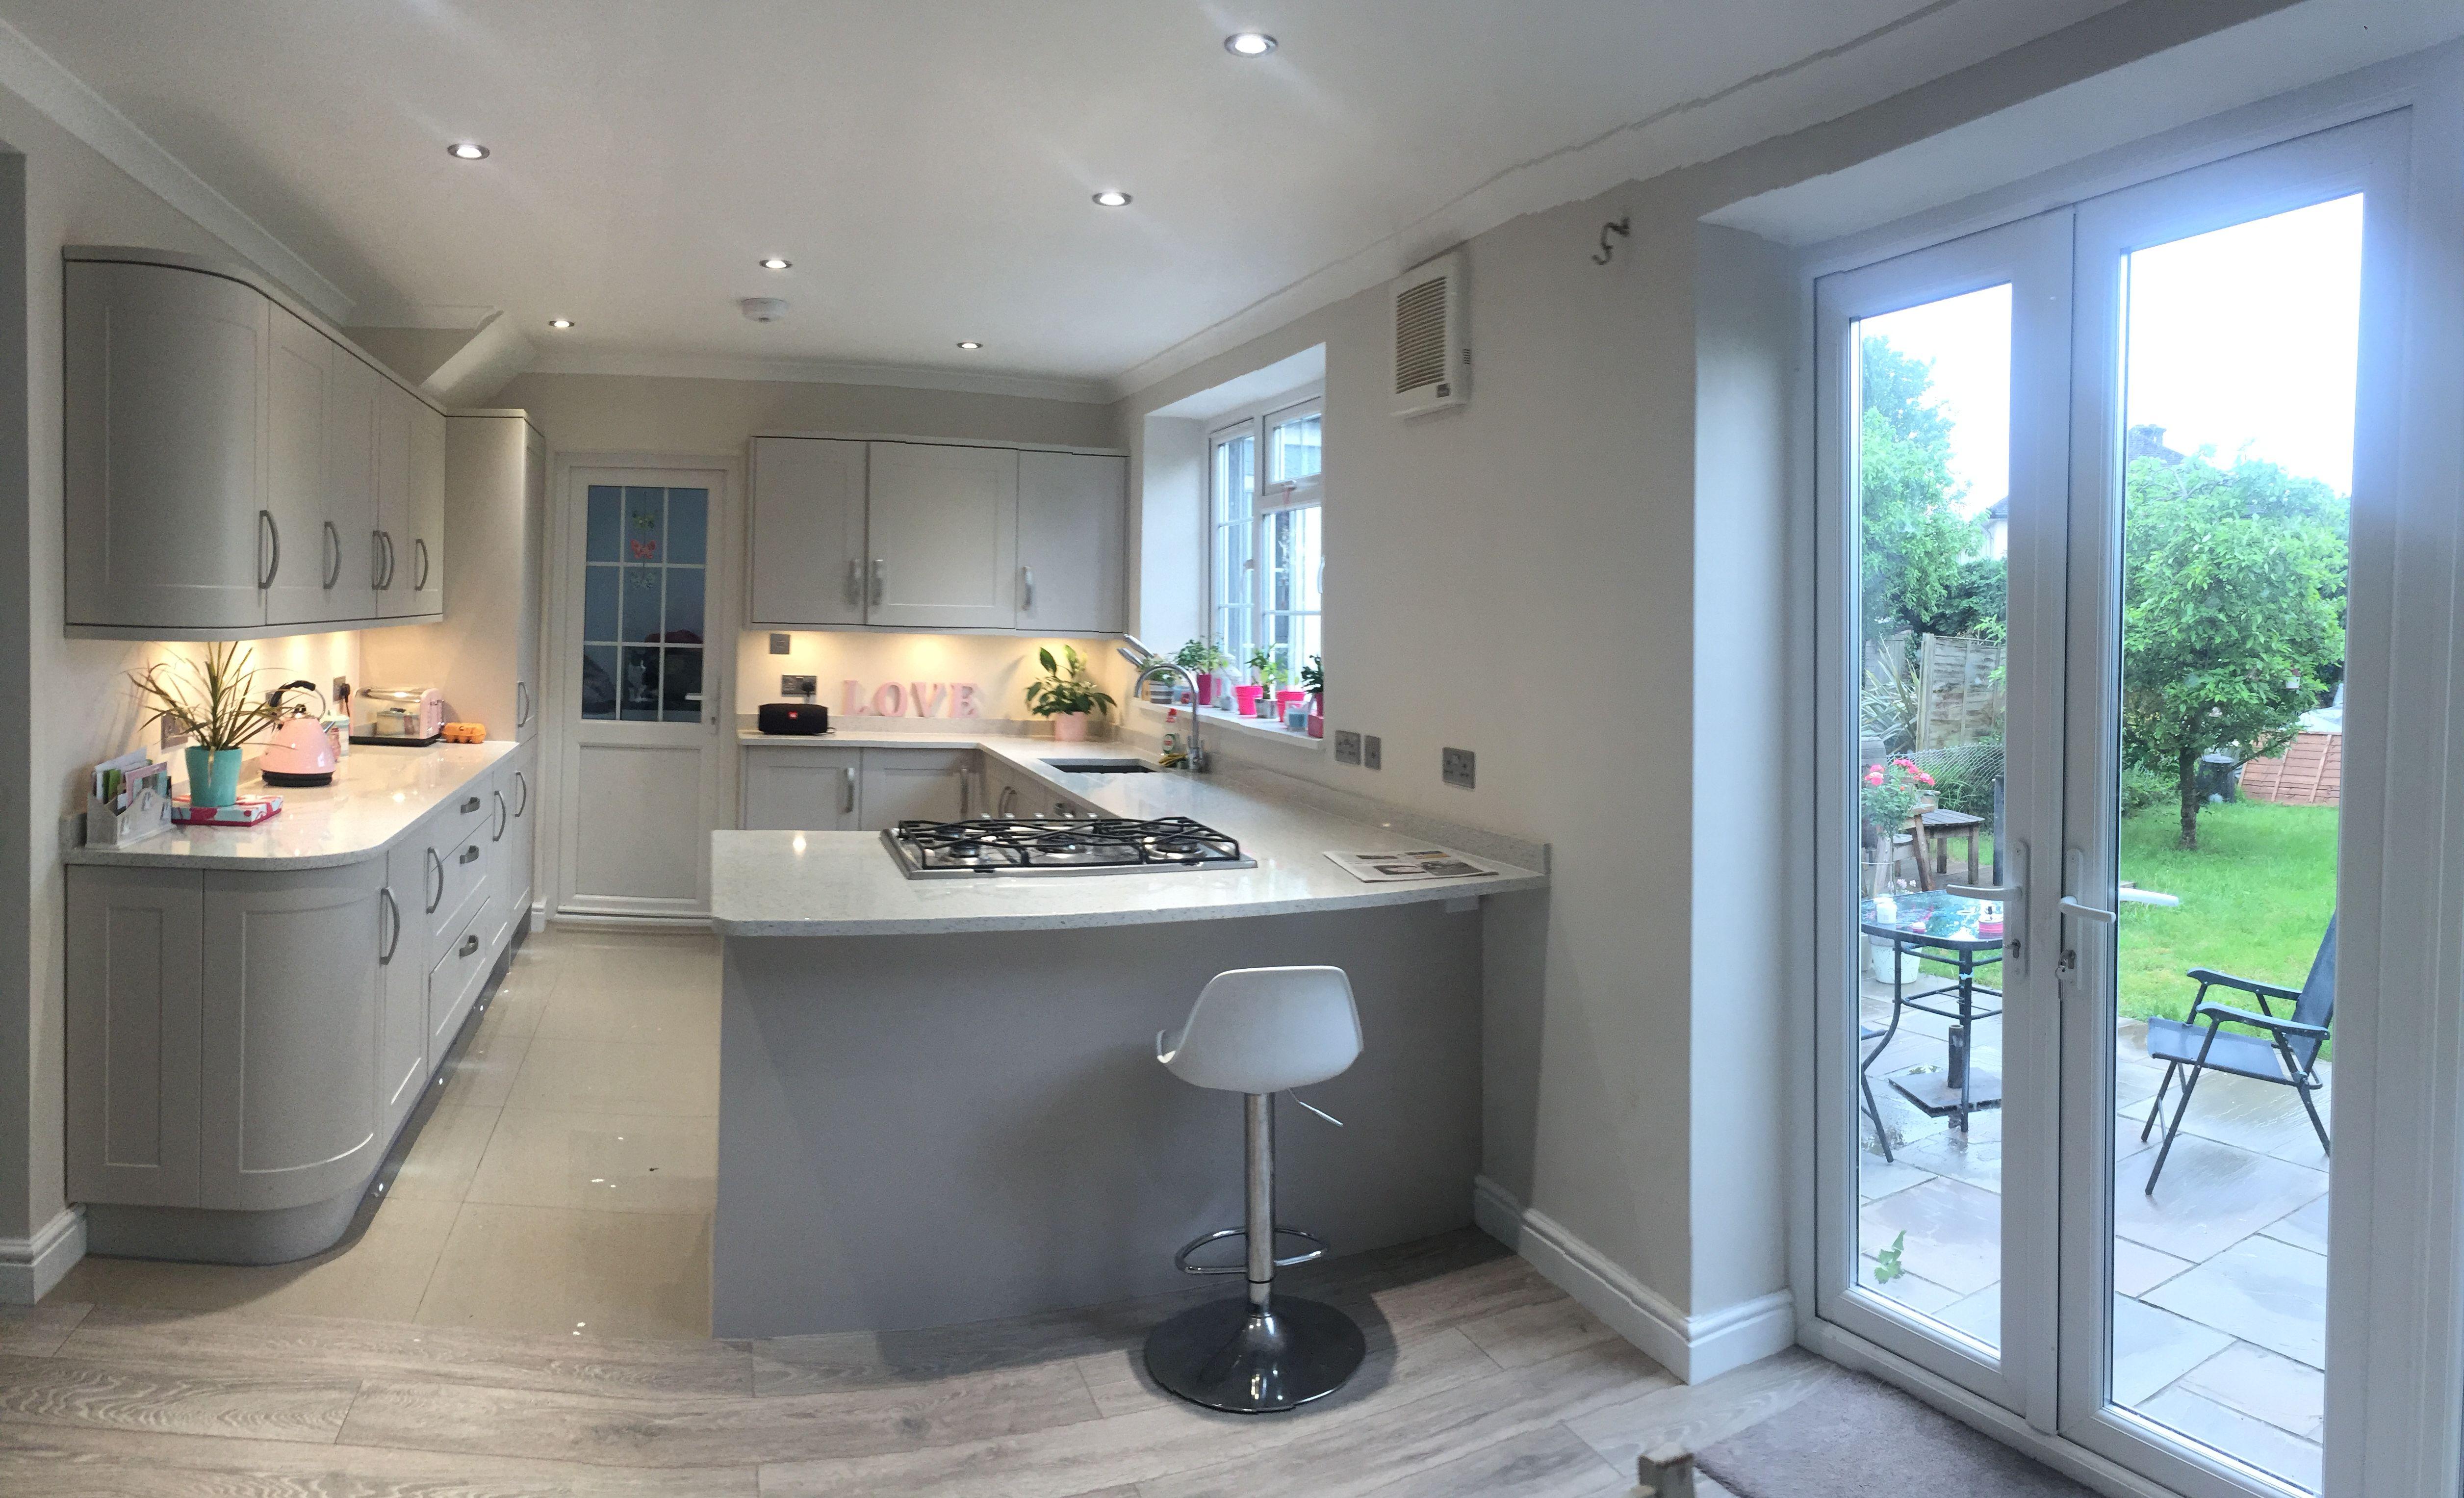 Howdens kitchen, quartz granite worktop, Howdens laminate